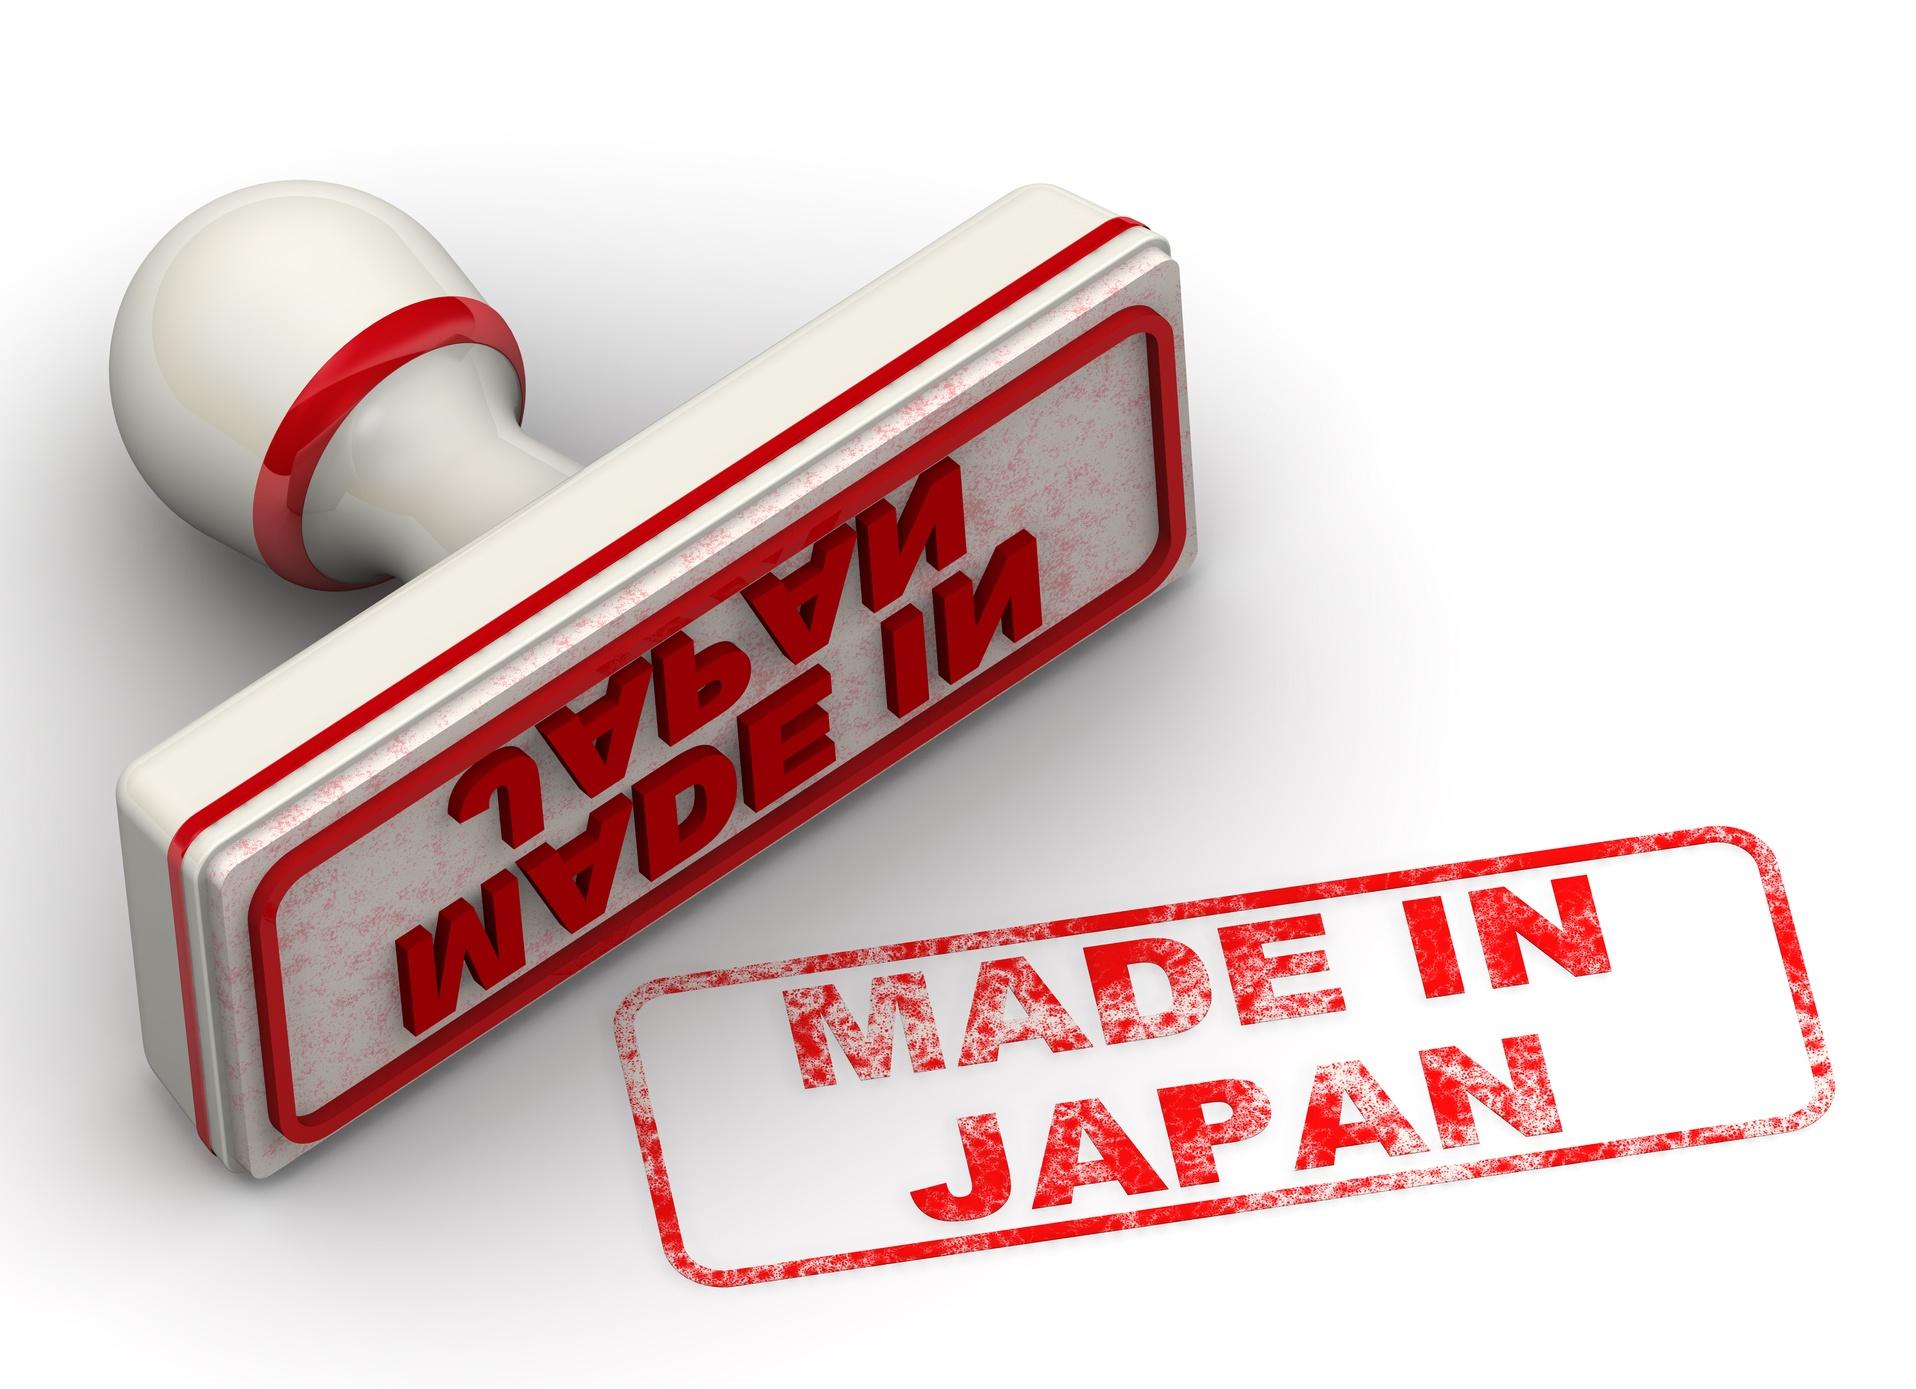 進化し続ける中国市場が、本物の日本製品を求める心理